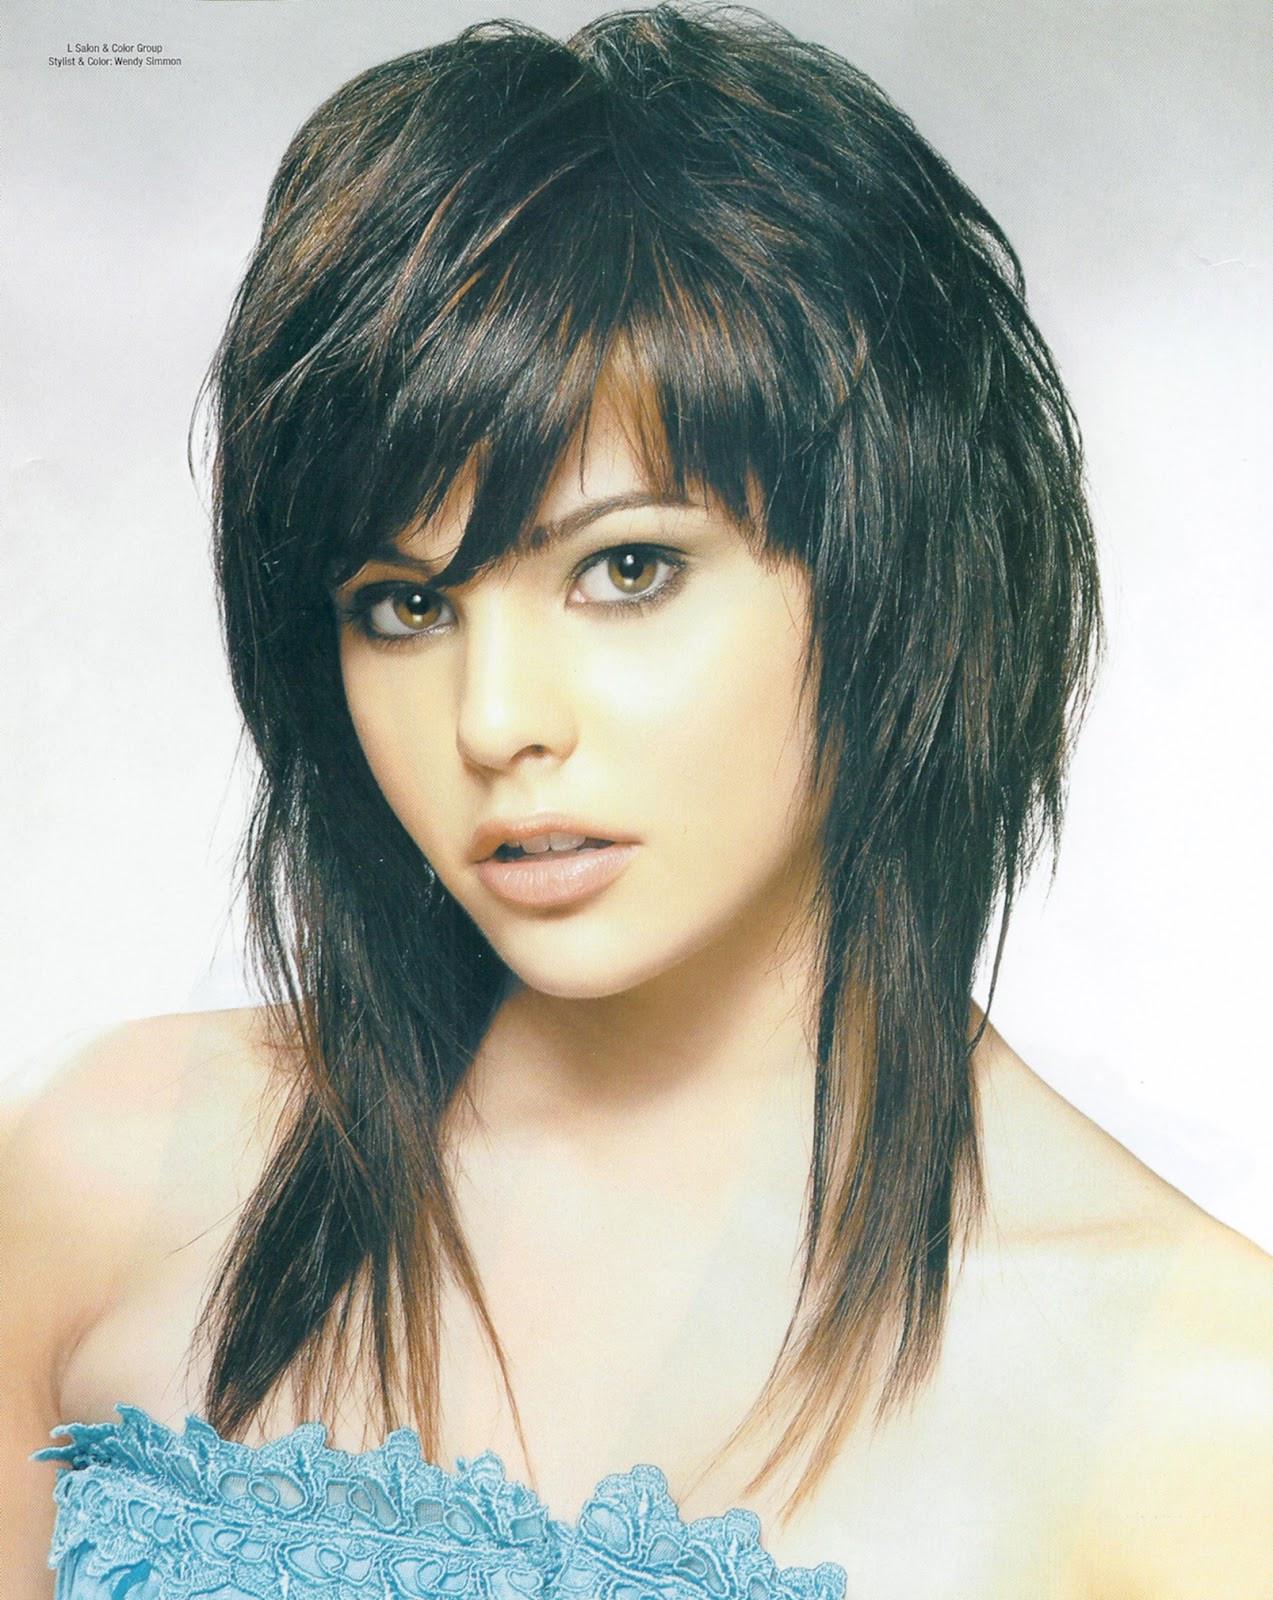 Medium Cut Hair  Medium Length Haircut And Hairstyles Ideas 2013